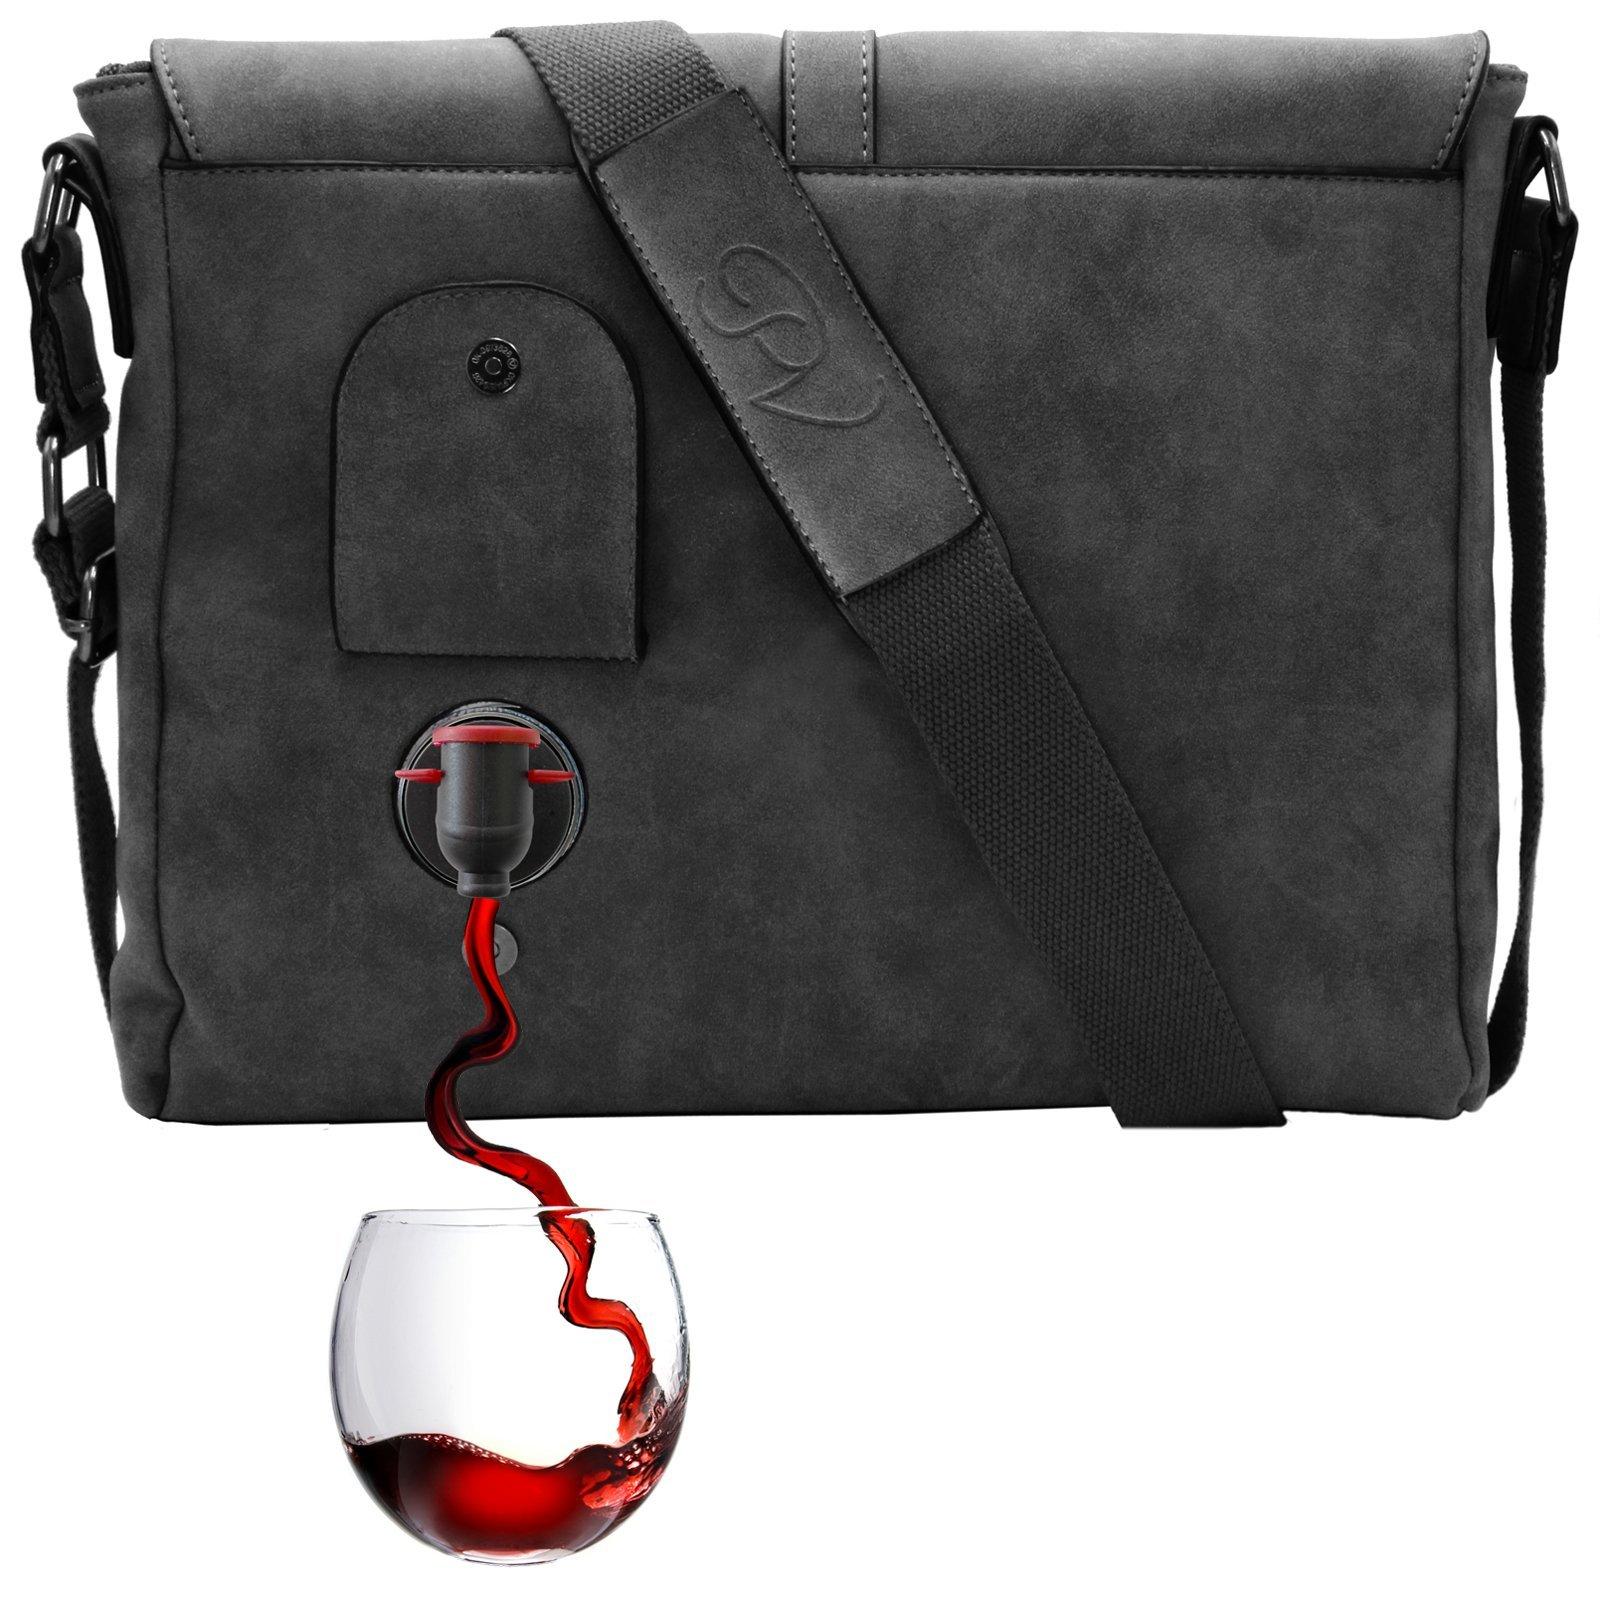 PortoVino® Borsa messenger con sacca porta vino